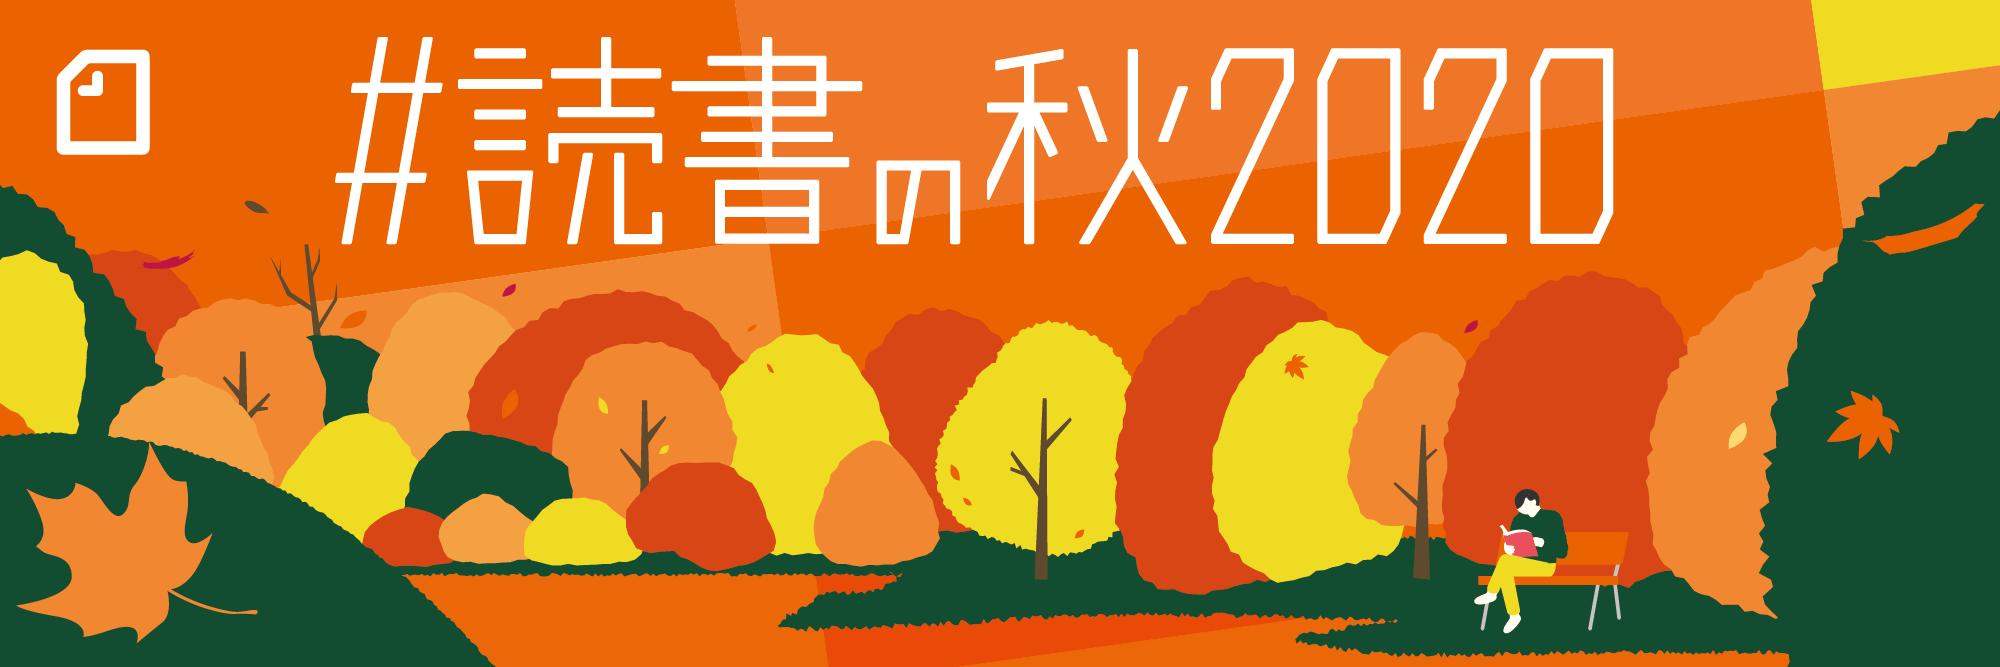 #読書の秋2020